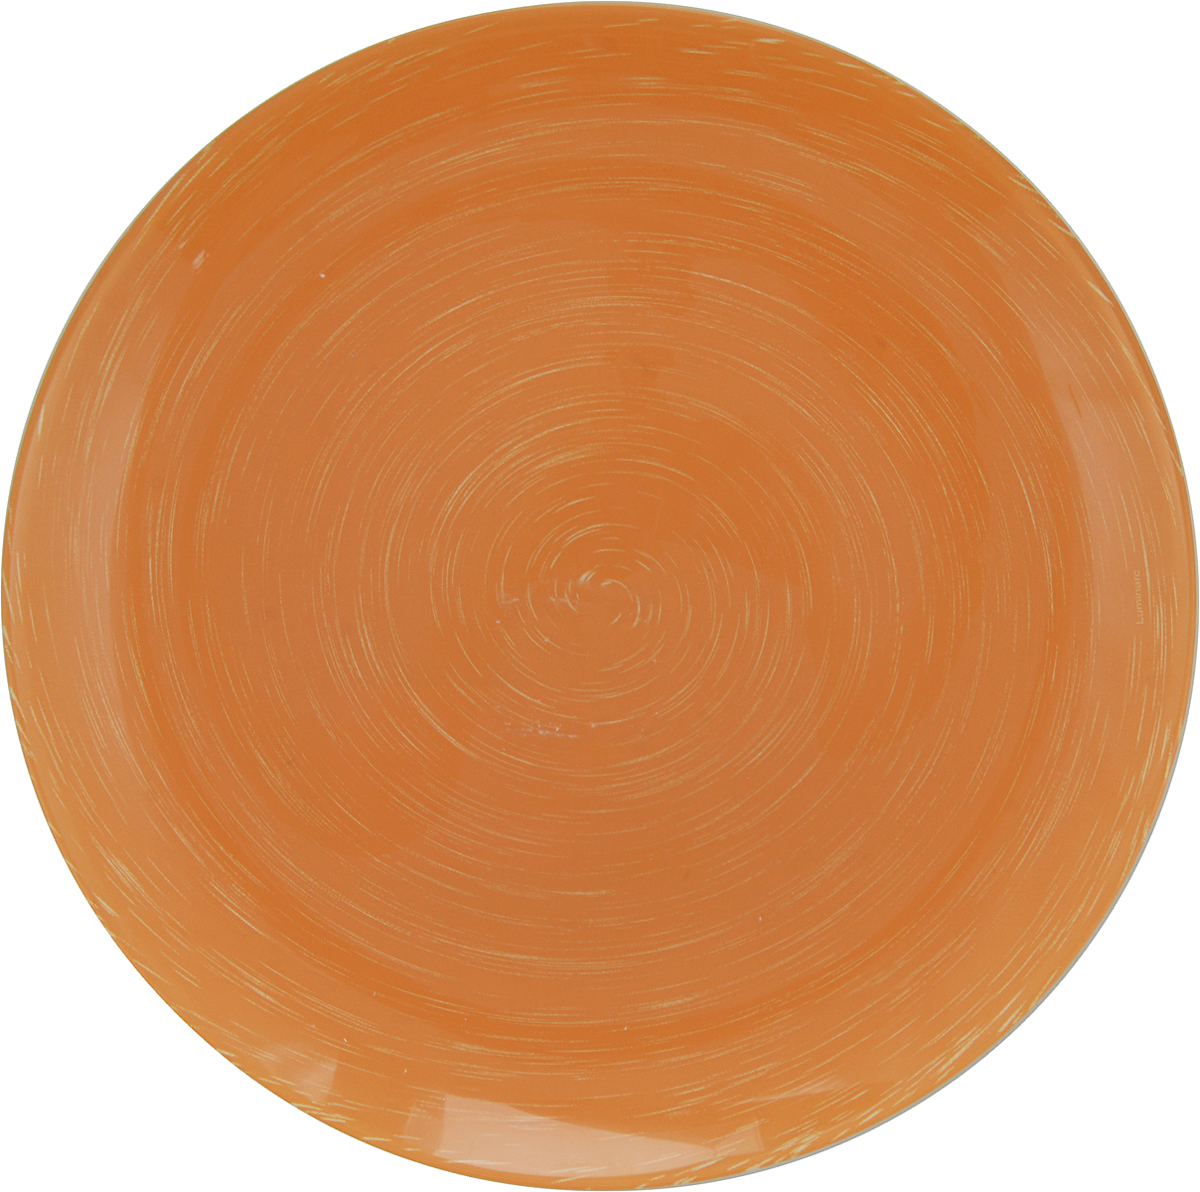 Тарелка обеденная Luminarc Stonemania Orange, диаметр 25 смH3556Обеденная тарелка Luminarc Stonemania Orange изготовлена из высококачественного стекла. Изделие сочетает в себе изысканный дизайн с максимальной функциональностью. Тарелка прекрасно впишется в интерьер вашей кухни и станет достойным дополнением к кухонному инвентарю. Такое изделие не только украсит ваш кухонный стол и подчеркнет прекрасный вкус хозяйки, но истанет отличным подарком.Диаметр тарелки: 25 см.Высота тарелки: 2 см.